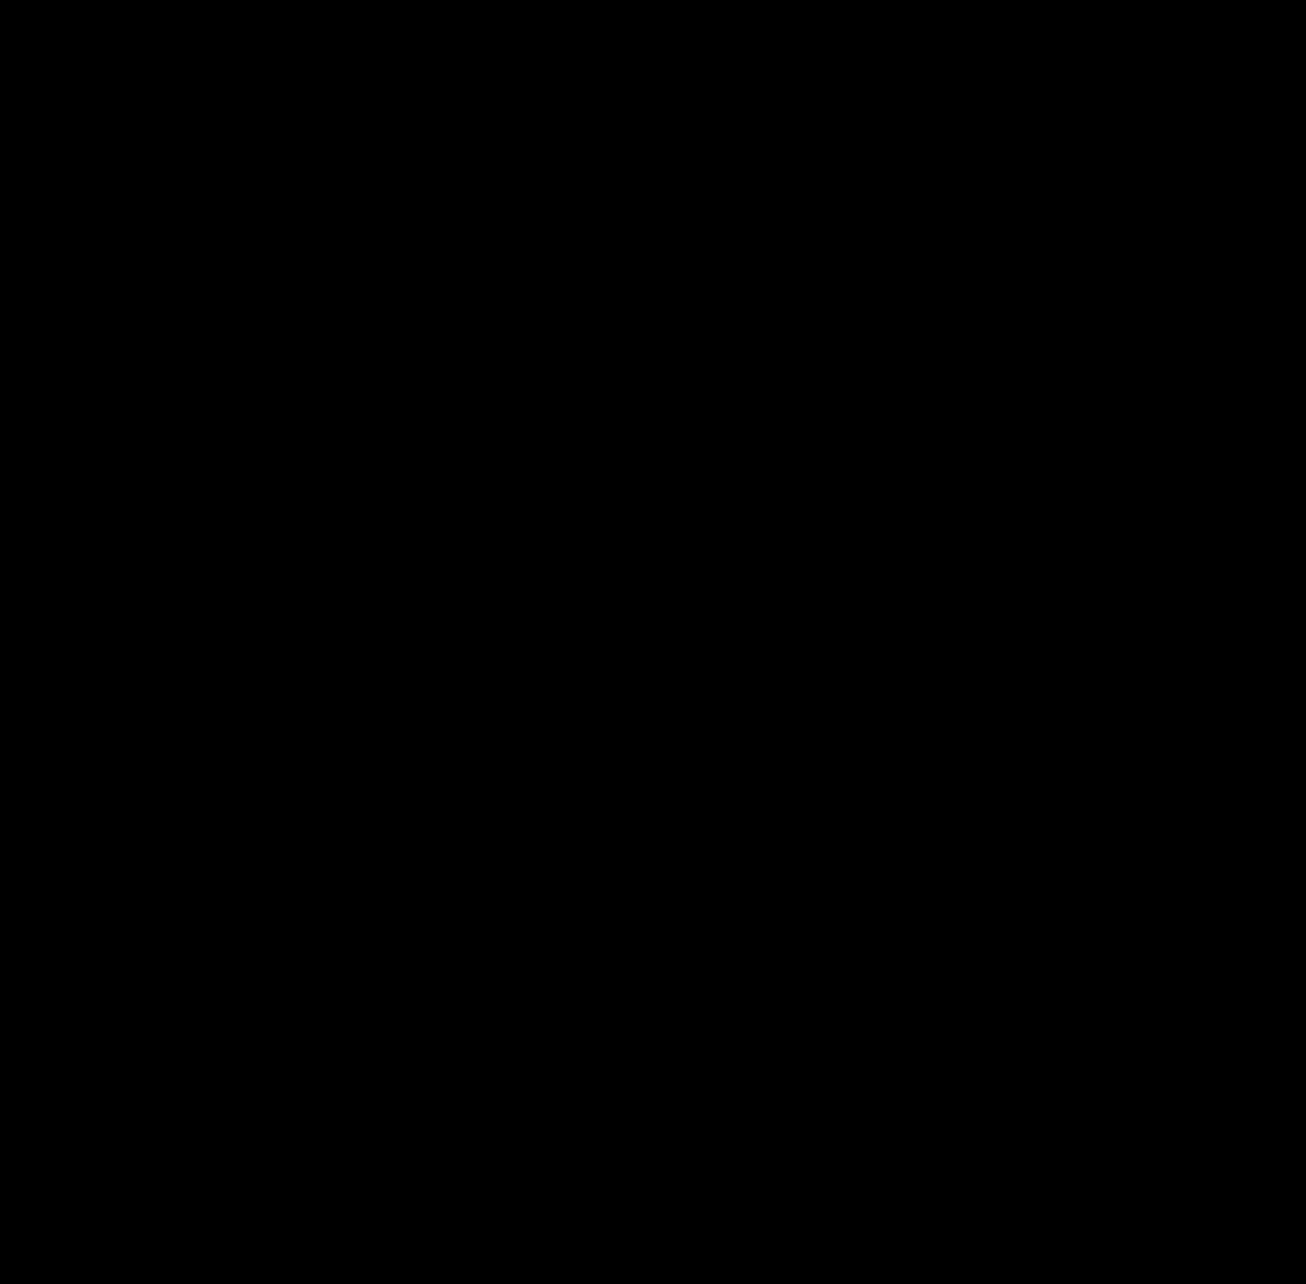 N-Dansyl-1-(2-methoxyphenyl)piperazine